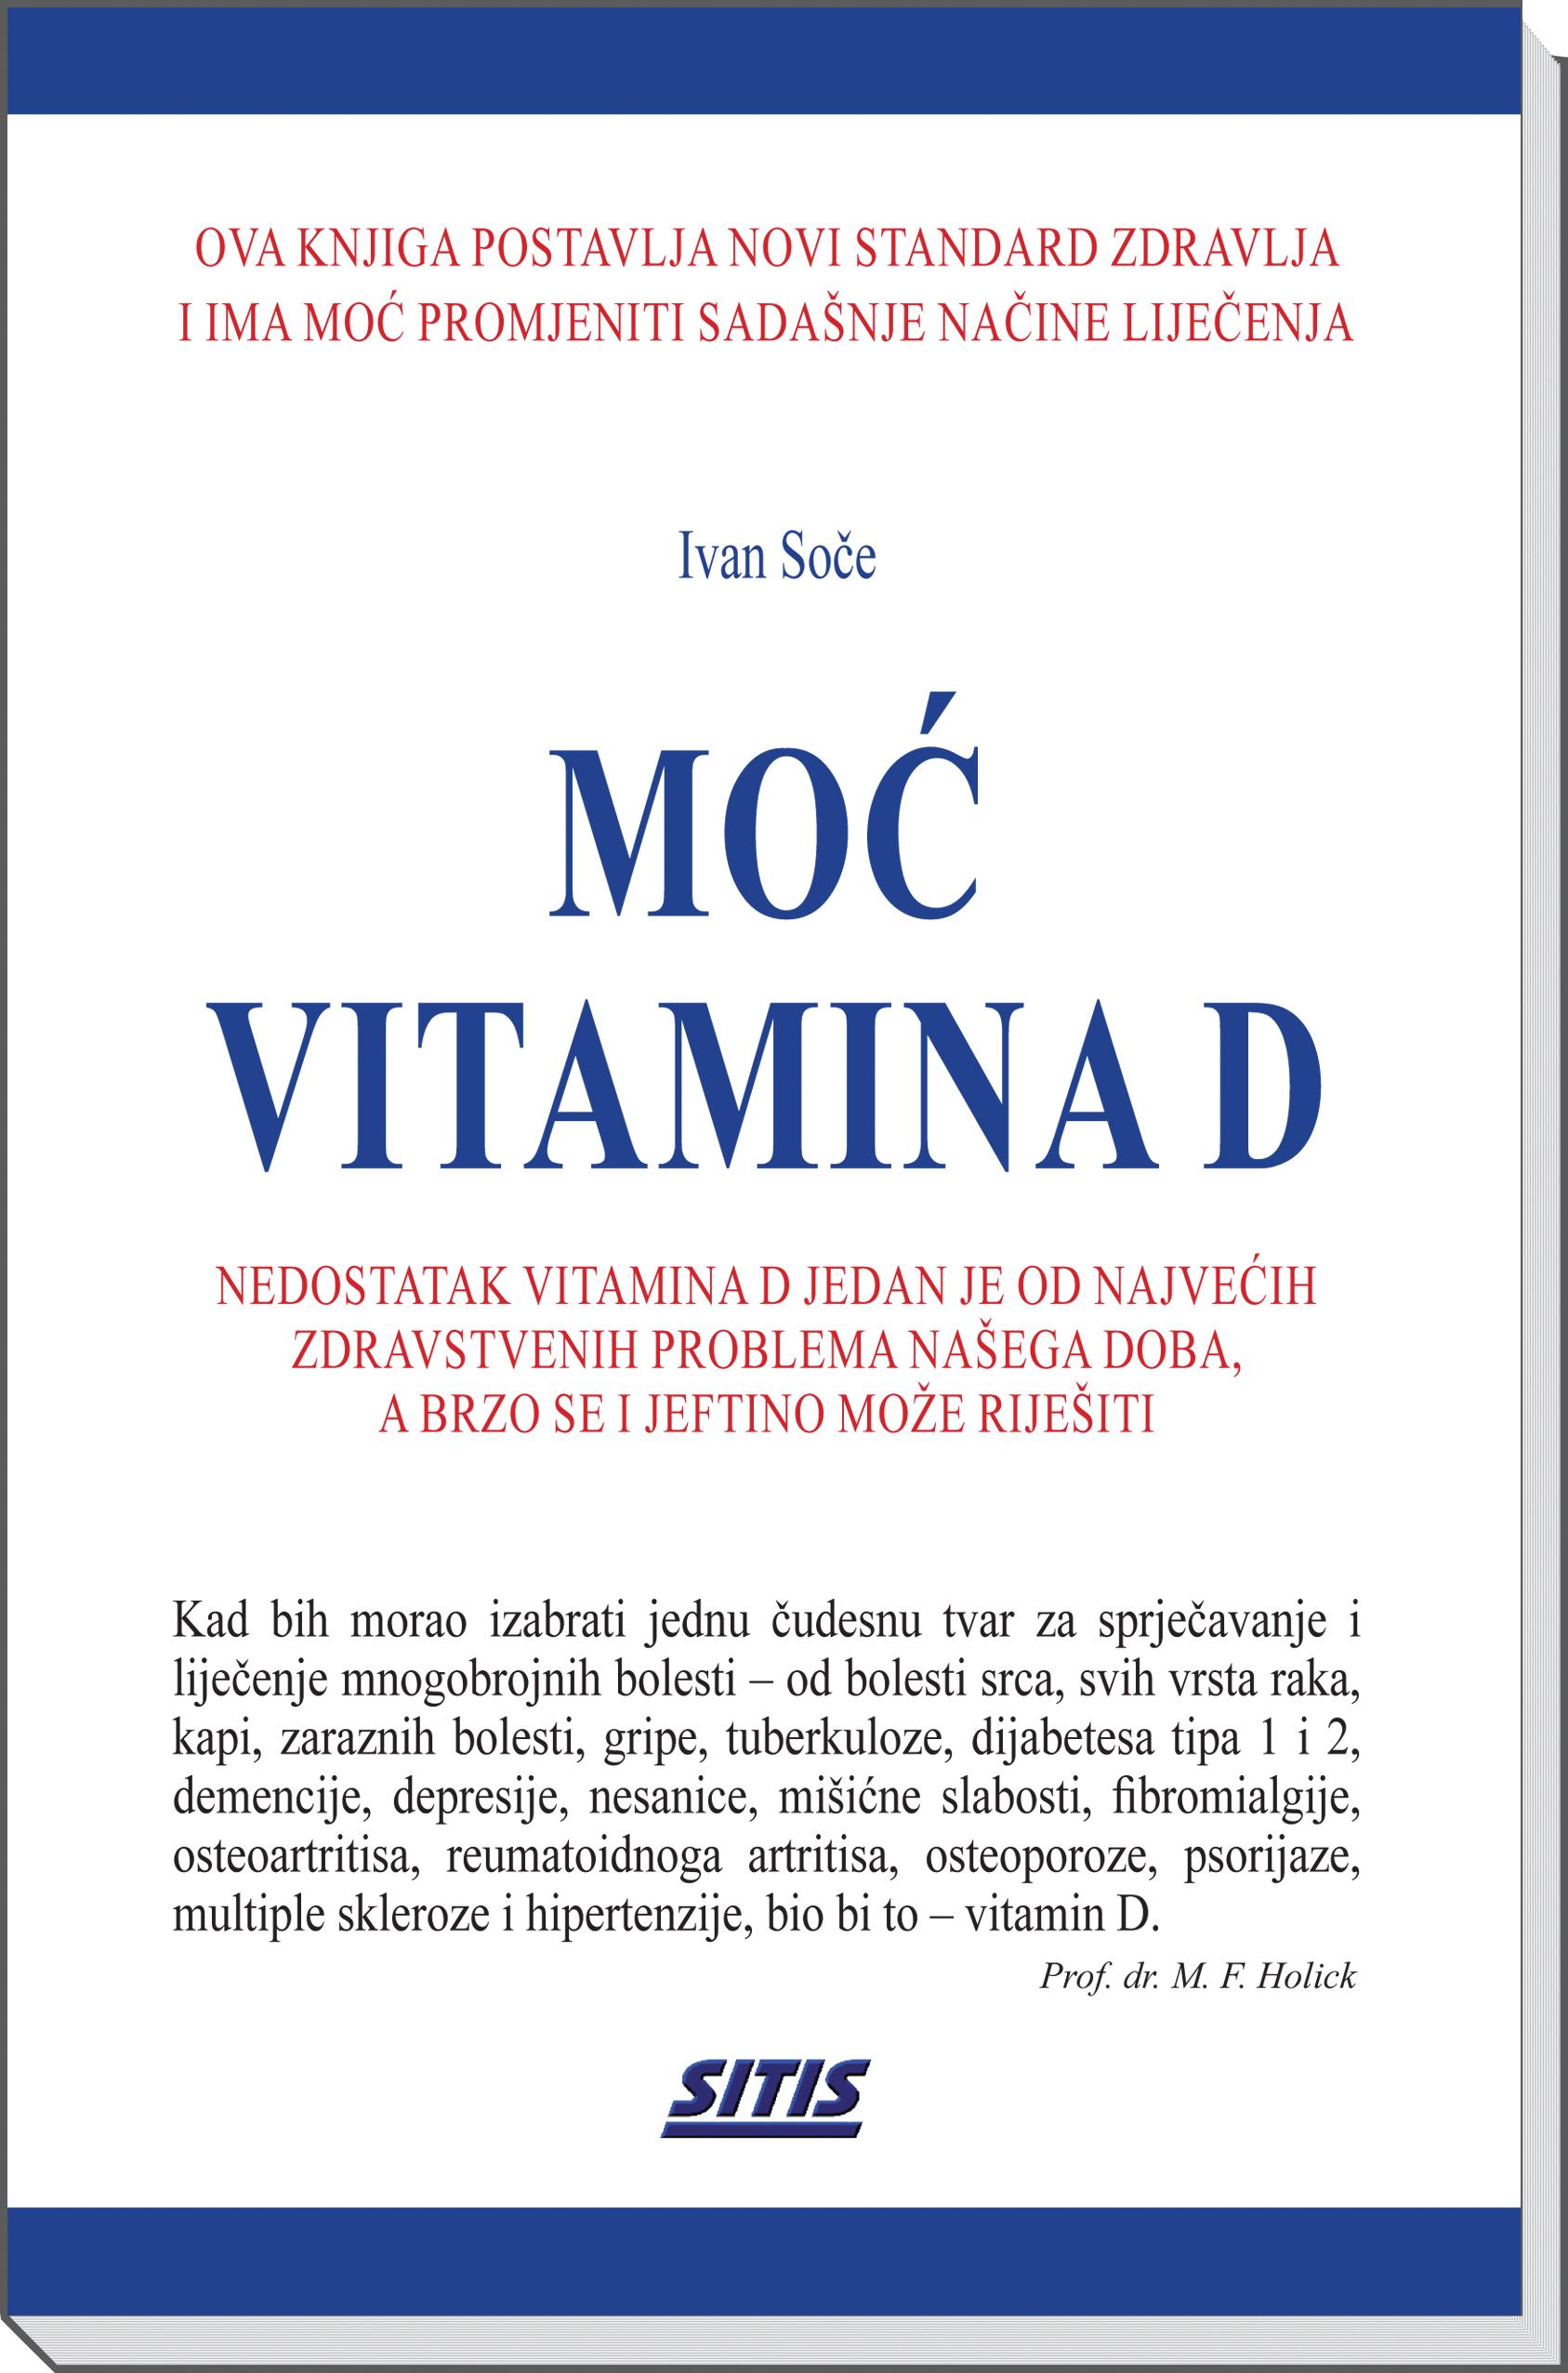 vitamin d od hipertenzije